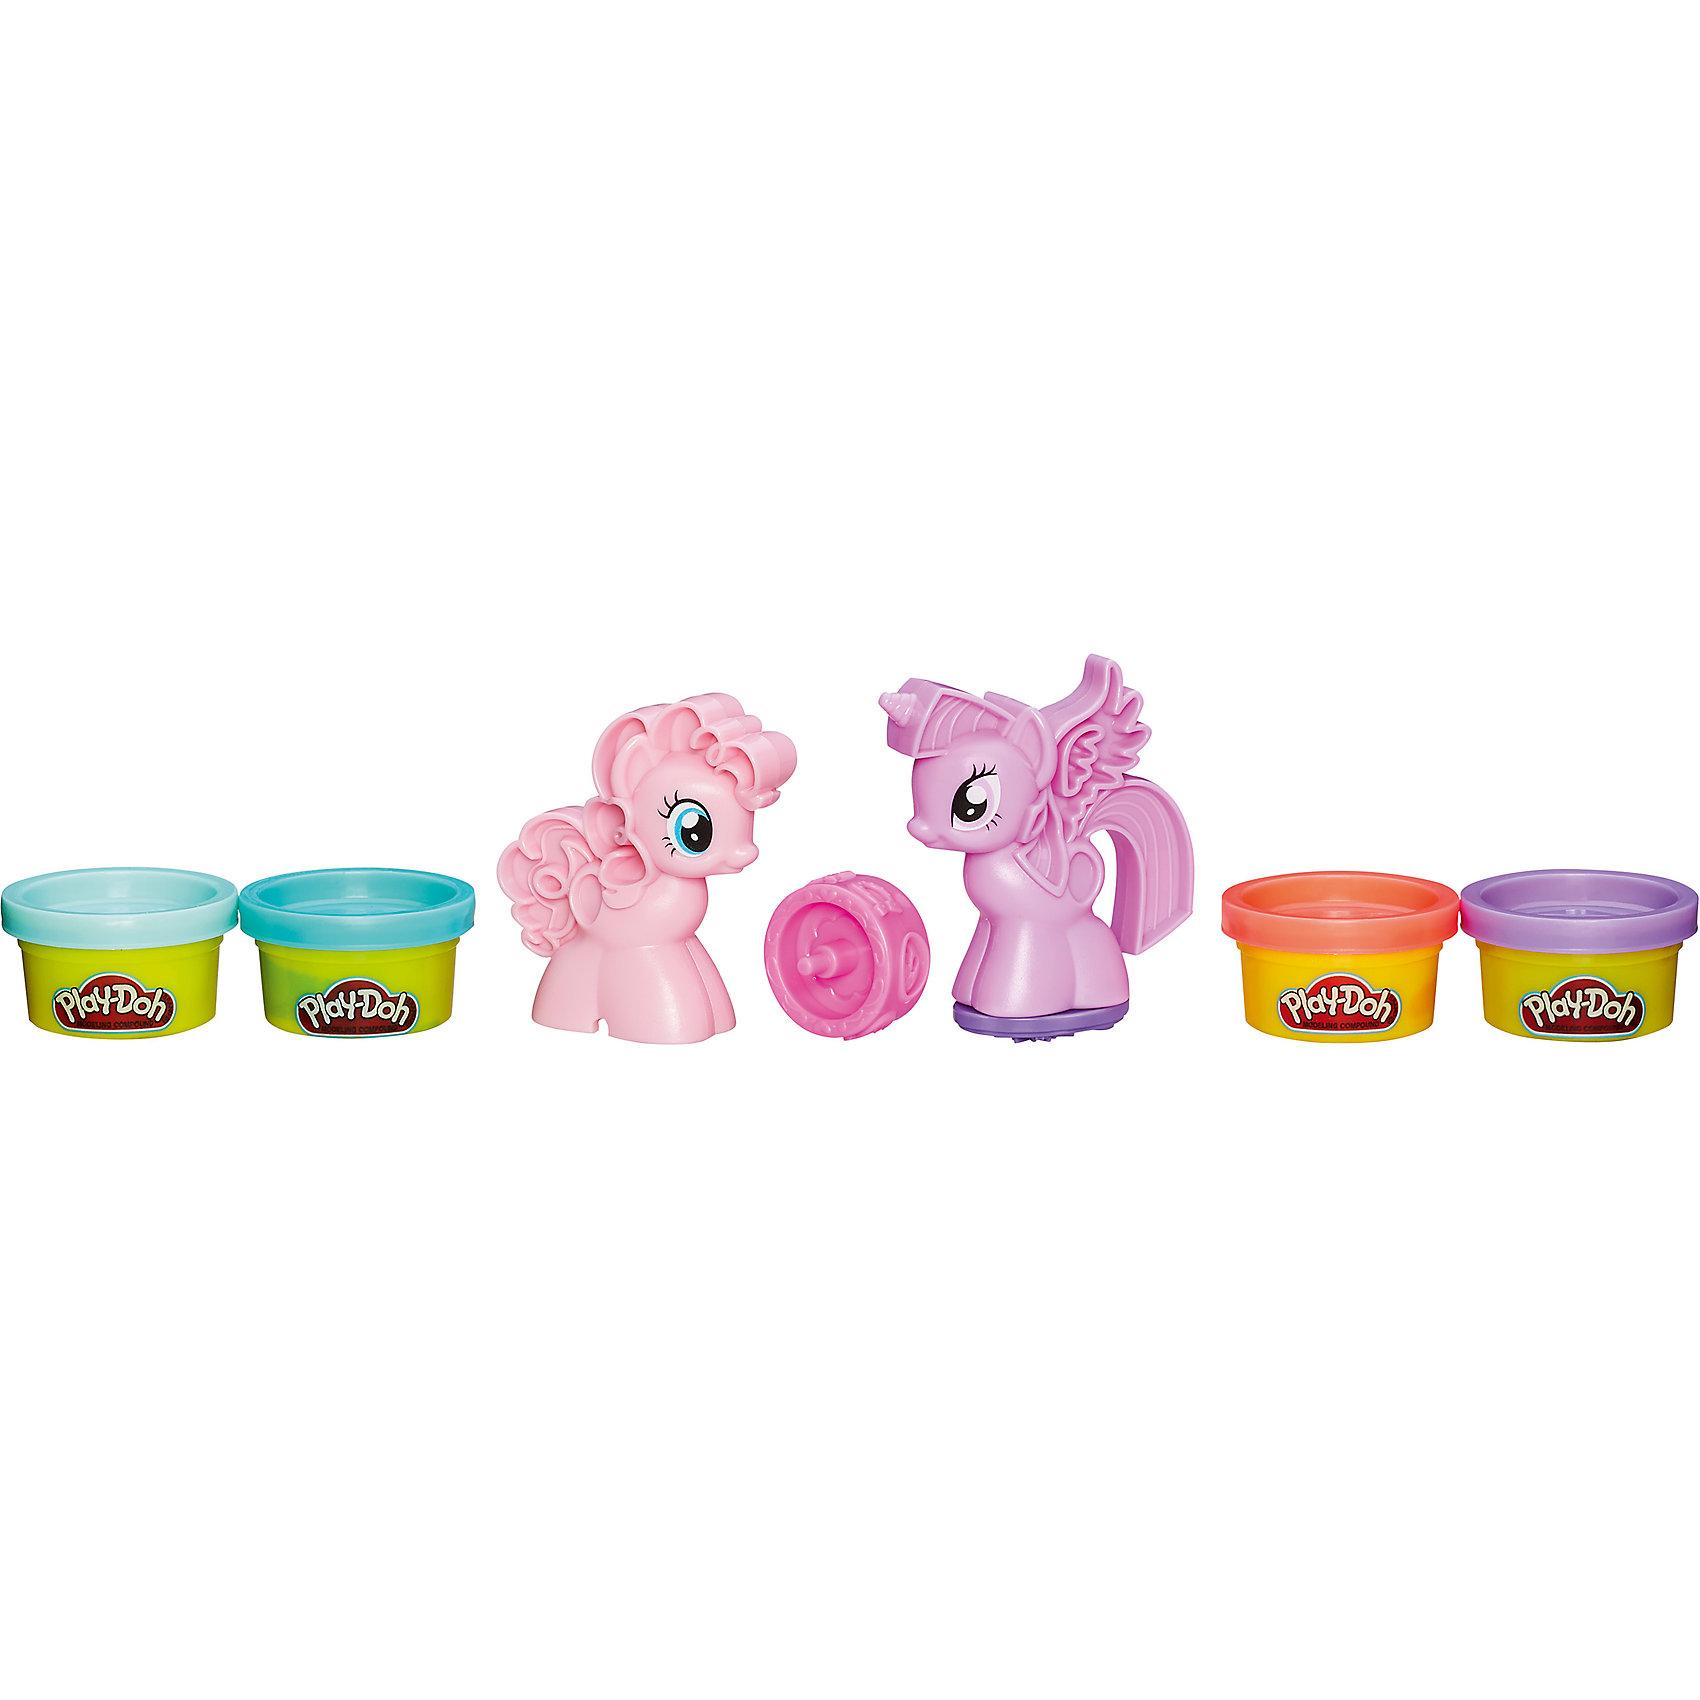 Hasbro Игровой набор Пони - Знаки отличия, Play-doh hasbro play doh игровой набор из 3 цветов цвета в ассортименте с 2 лет